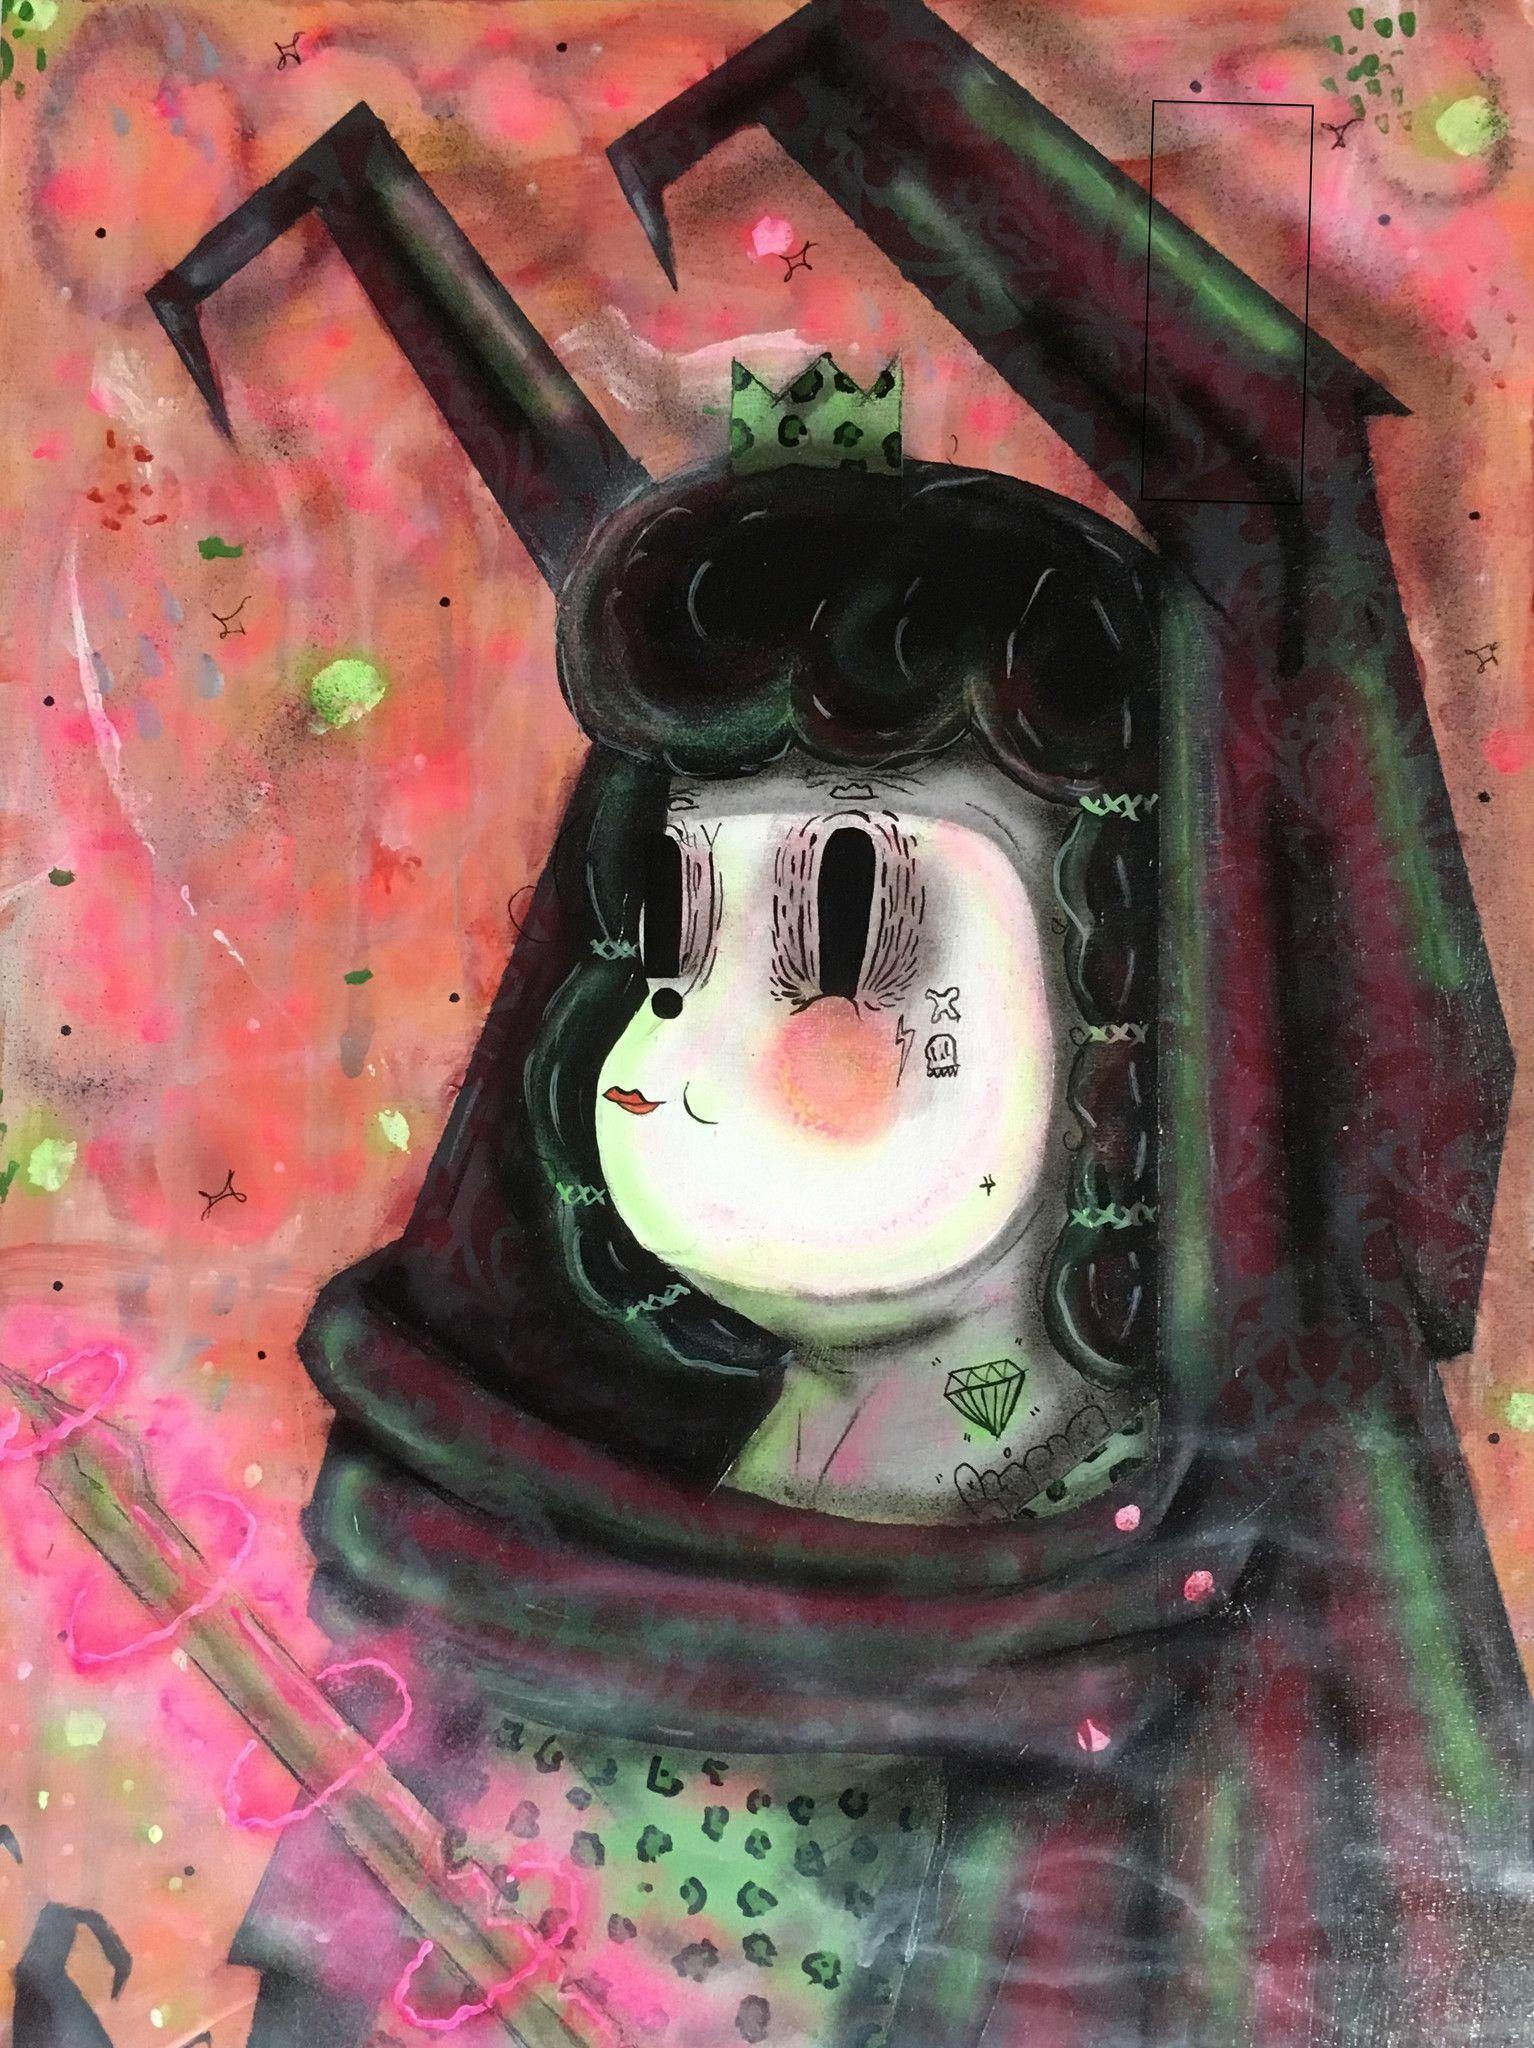 """ACRILICO SU LEGNO RAMIRO DAVARO COMAS """" THE GREEN LEOPARD QUEEN """" dimensioni L 77,4 x H 103 cm."""